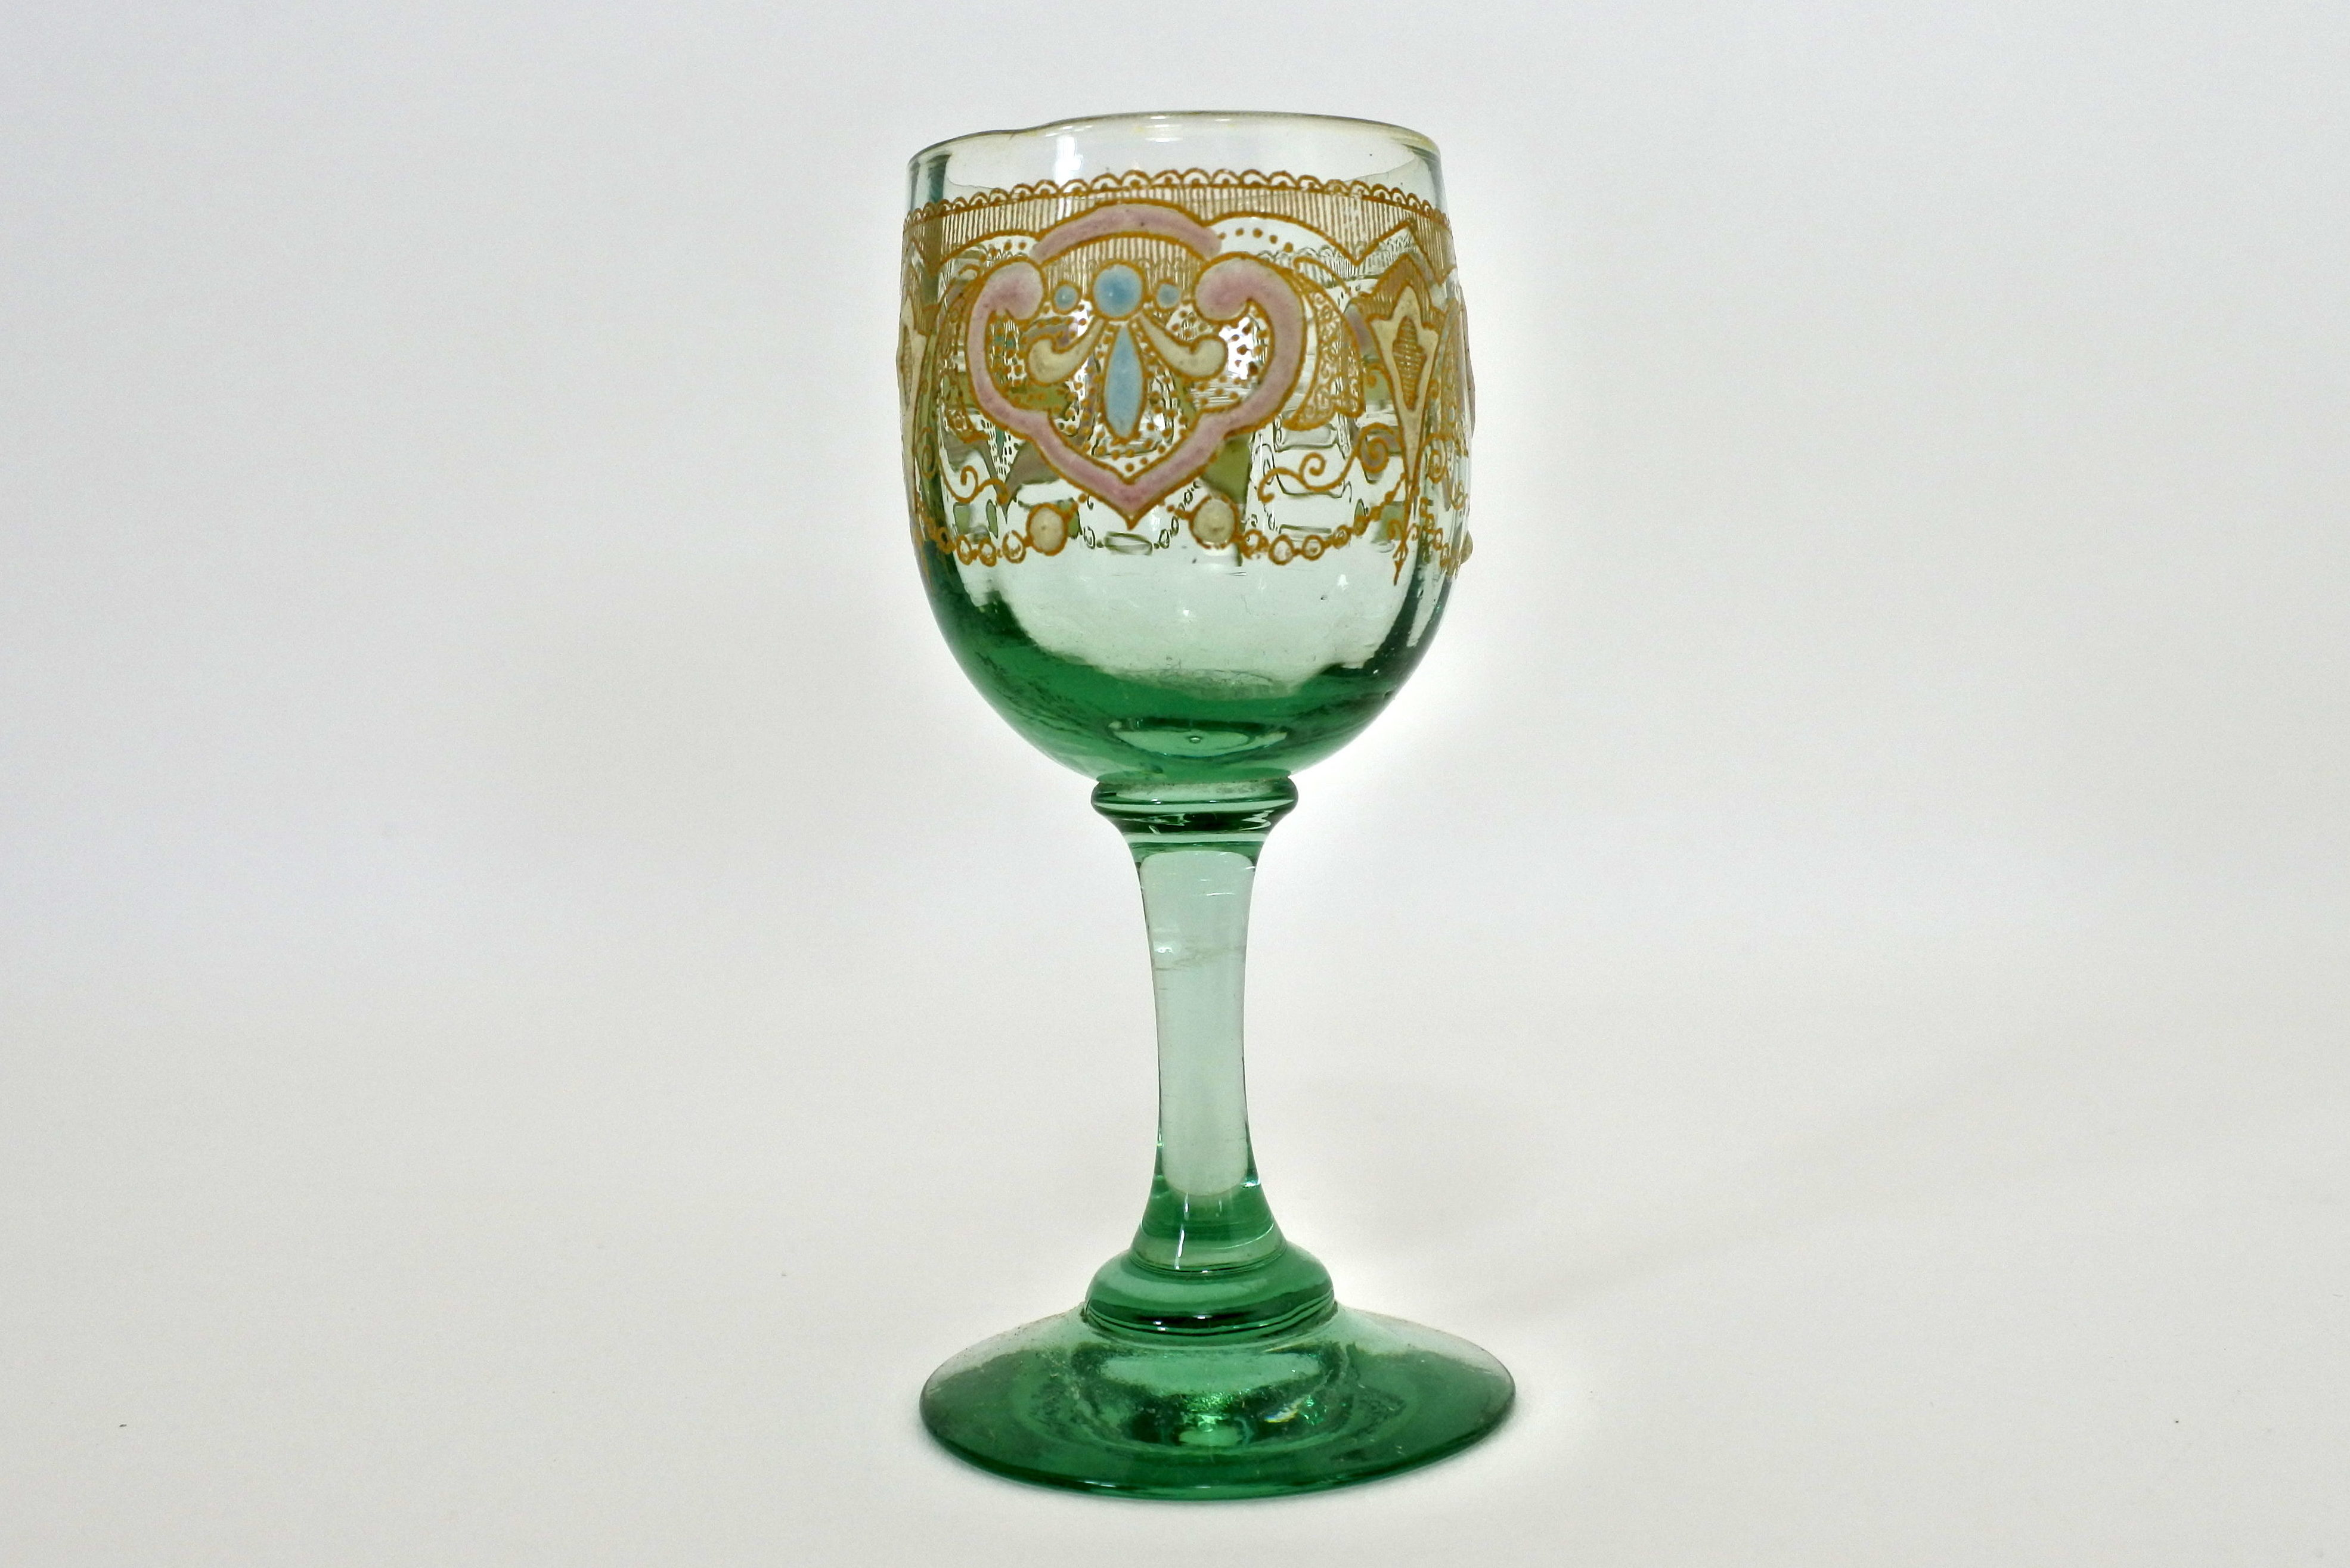 Bicchierino Legras in vetro soffiato verde con greca dorata e smalti